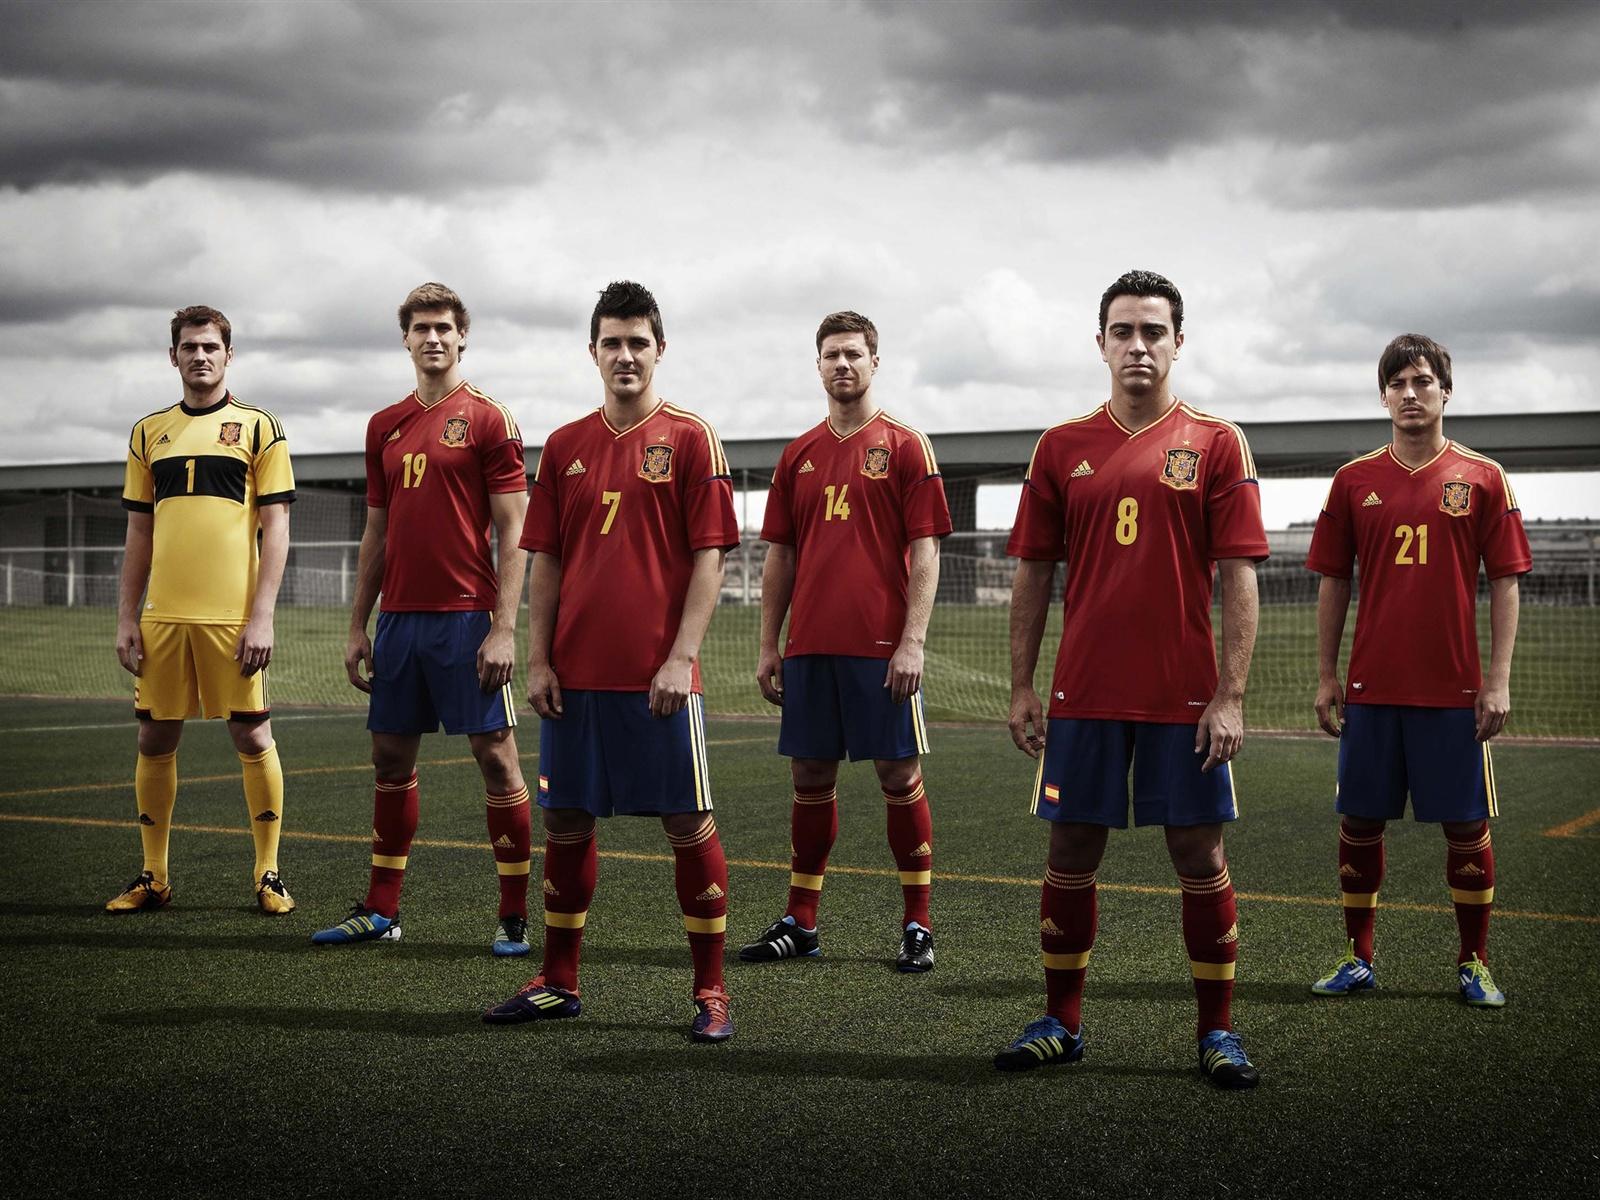 西班牙队2012欧锦赛 壁纸 - 1600x1200